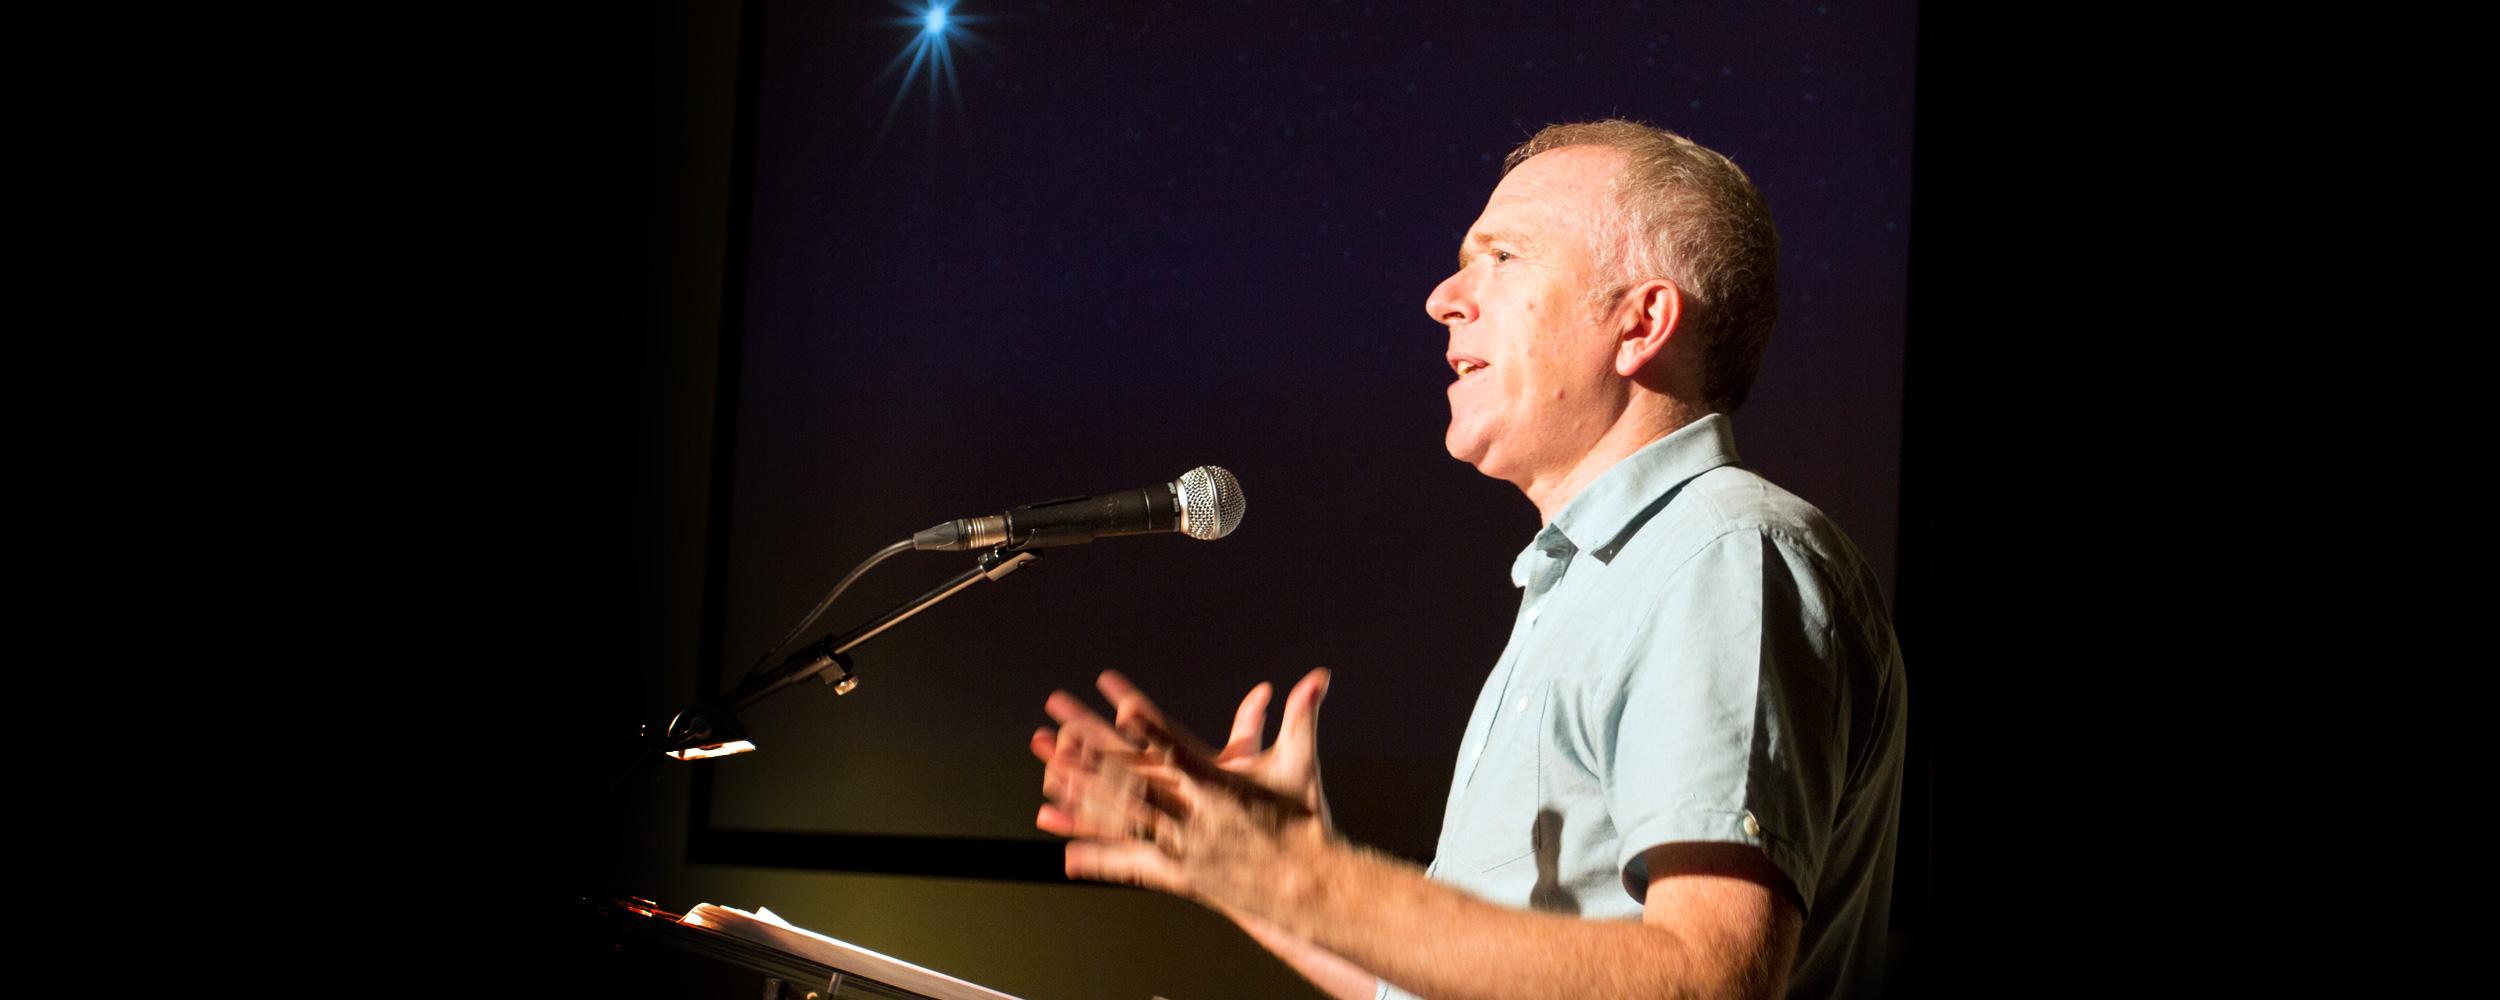 Colin MacPhie speaking